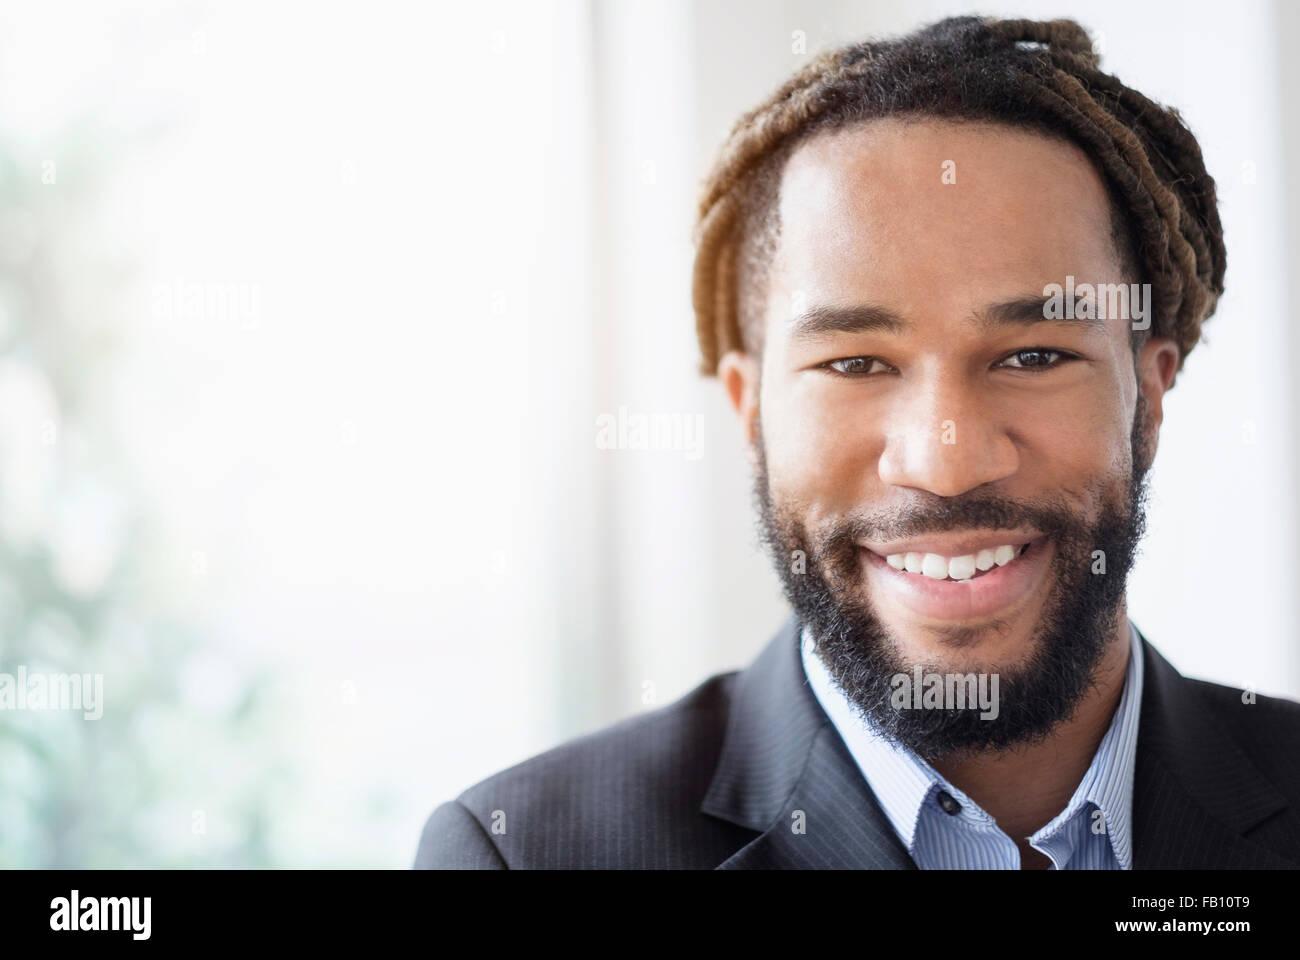 Porträt von Smiley Geschäftsmann Anzug Stockbild